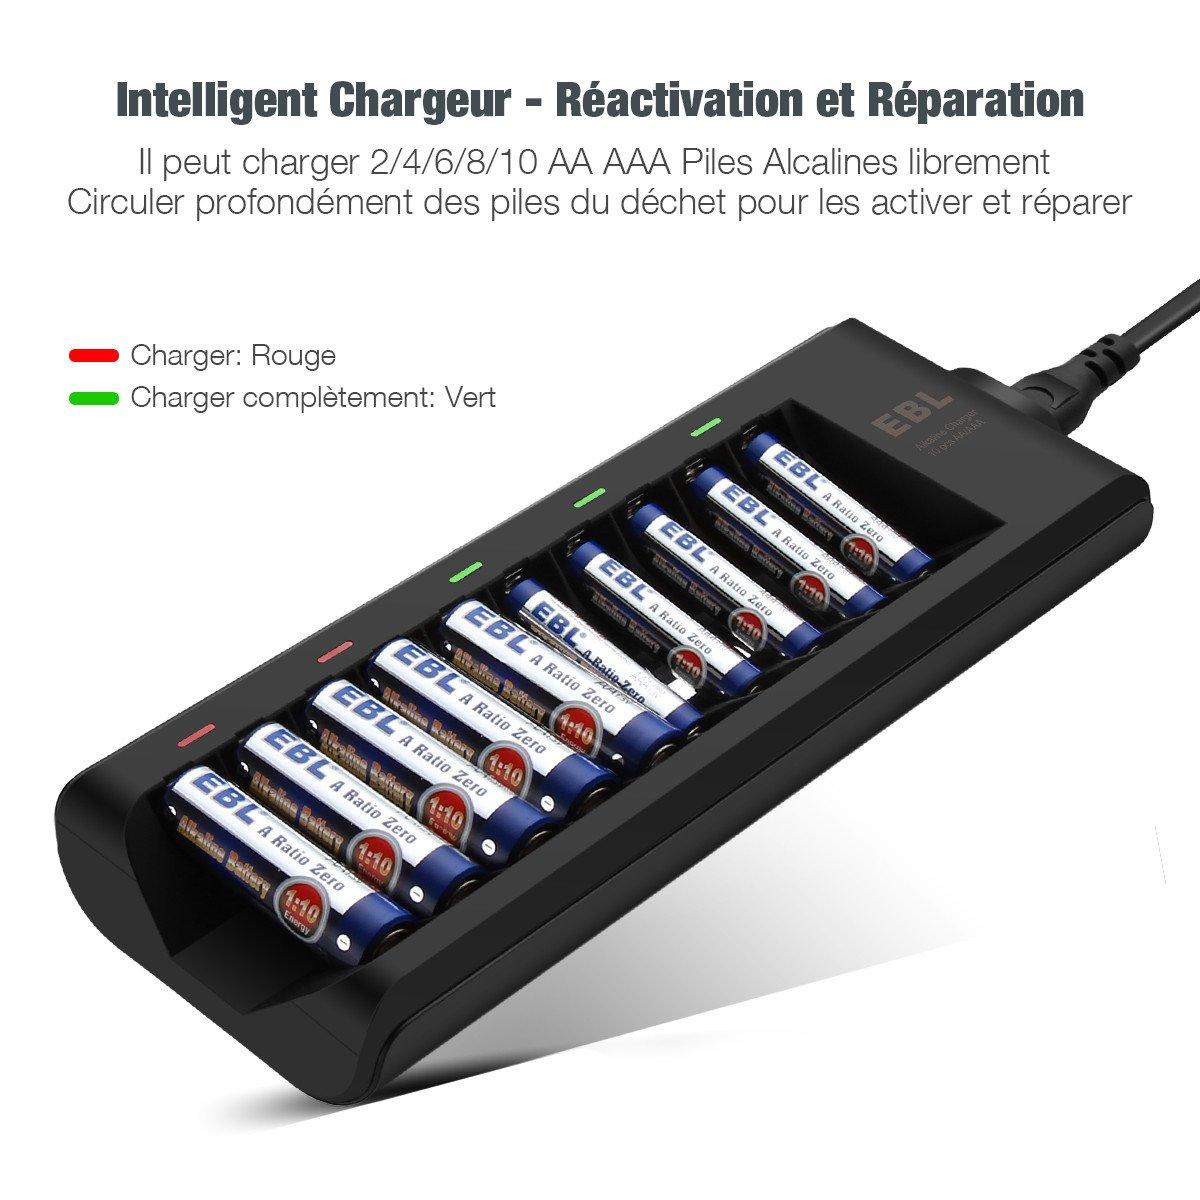 EBL Chargeur de Piles Alicalines AA/AAA Charge de Courant faible avec 10 Slots Indépendant